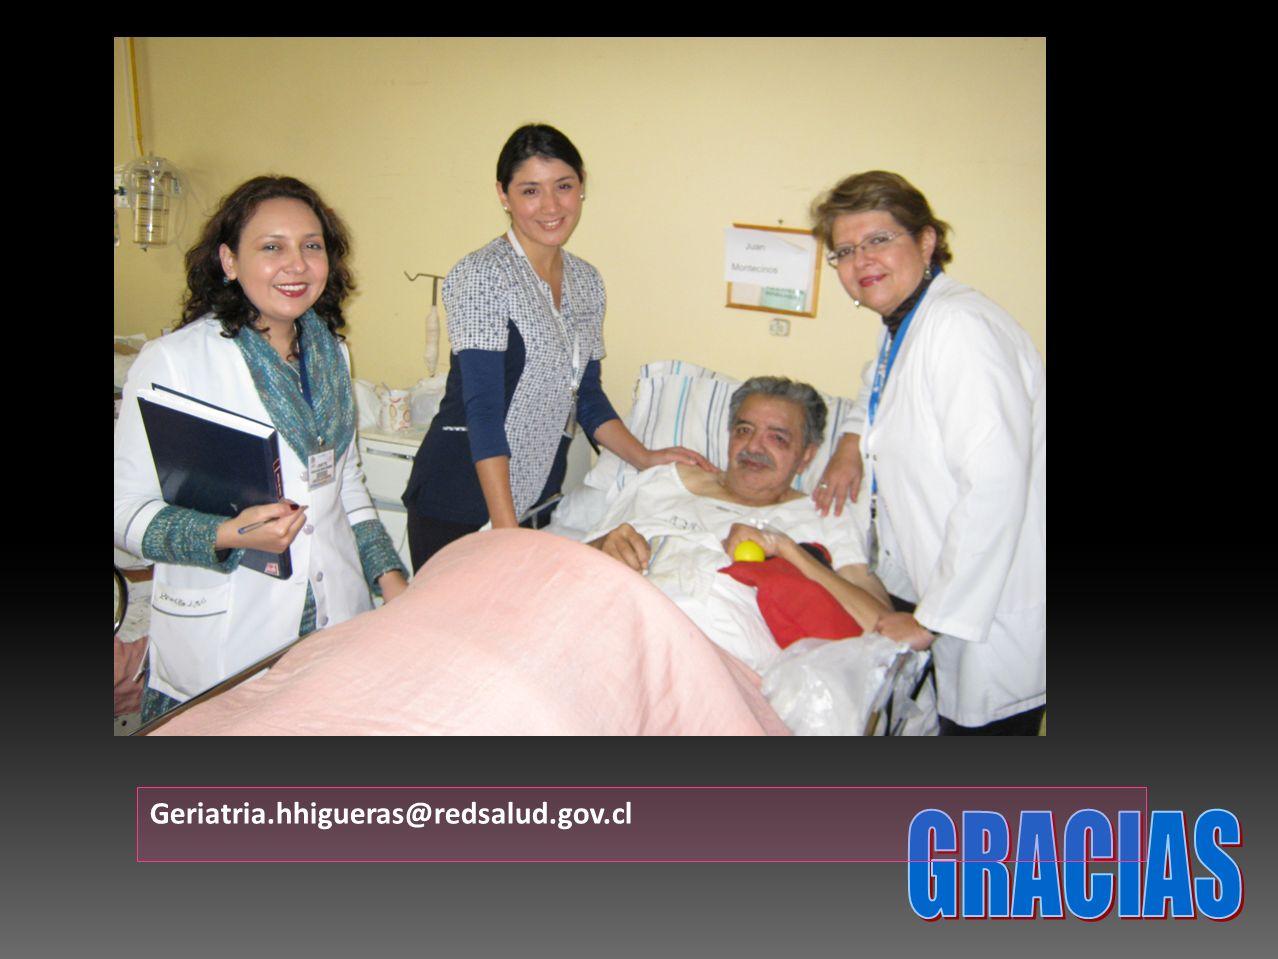 Geriatria.hhigueras@redsalud.gov.cl GRACIAS